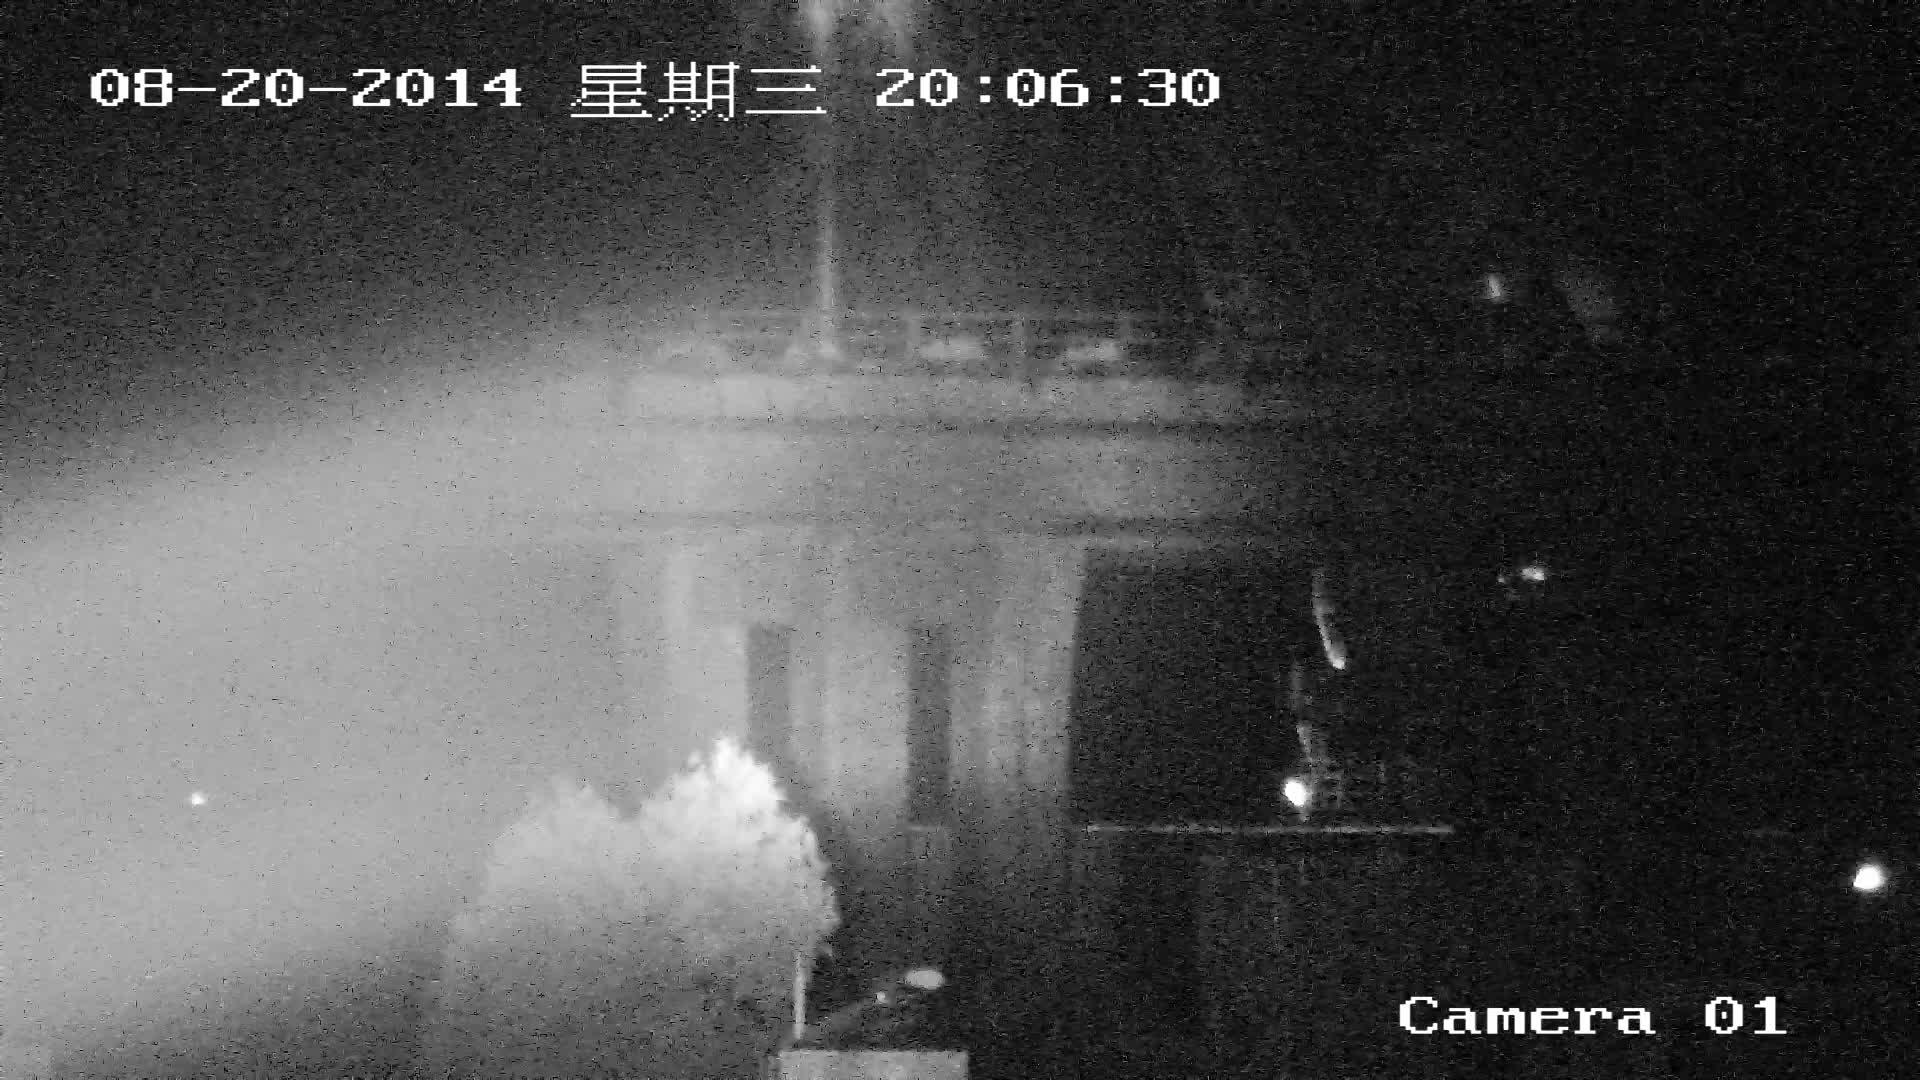 紫光积阳森林防火专用远距离高清激光夜视仪